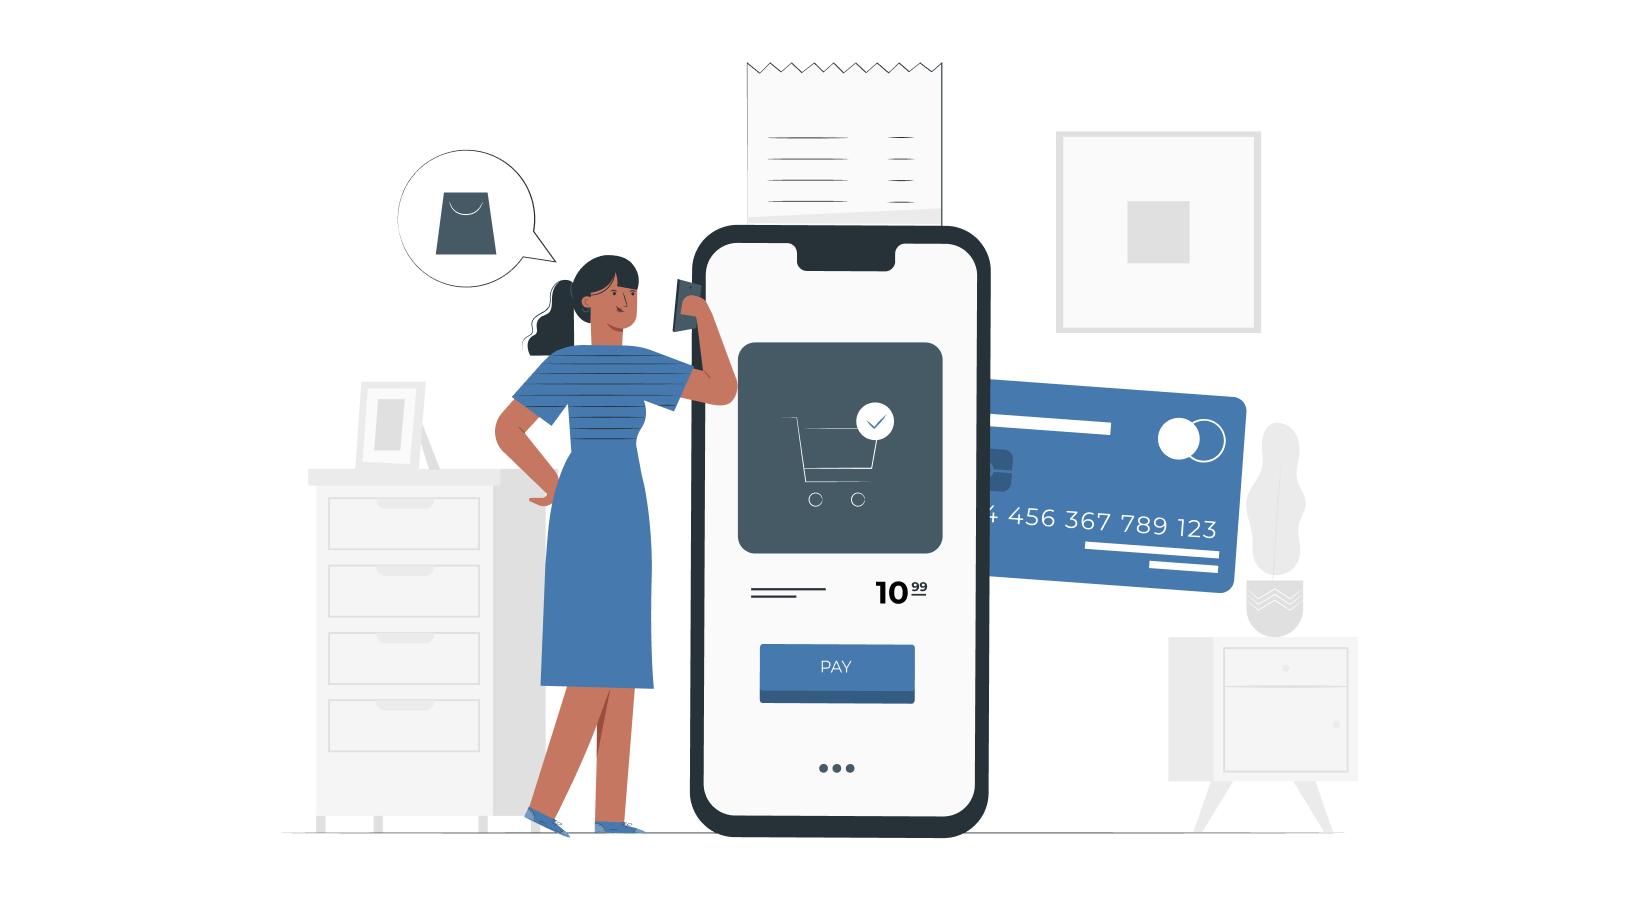 ТОП-10 систем по приему онлайн-платежей на сайте